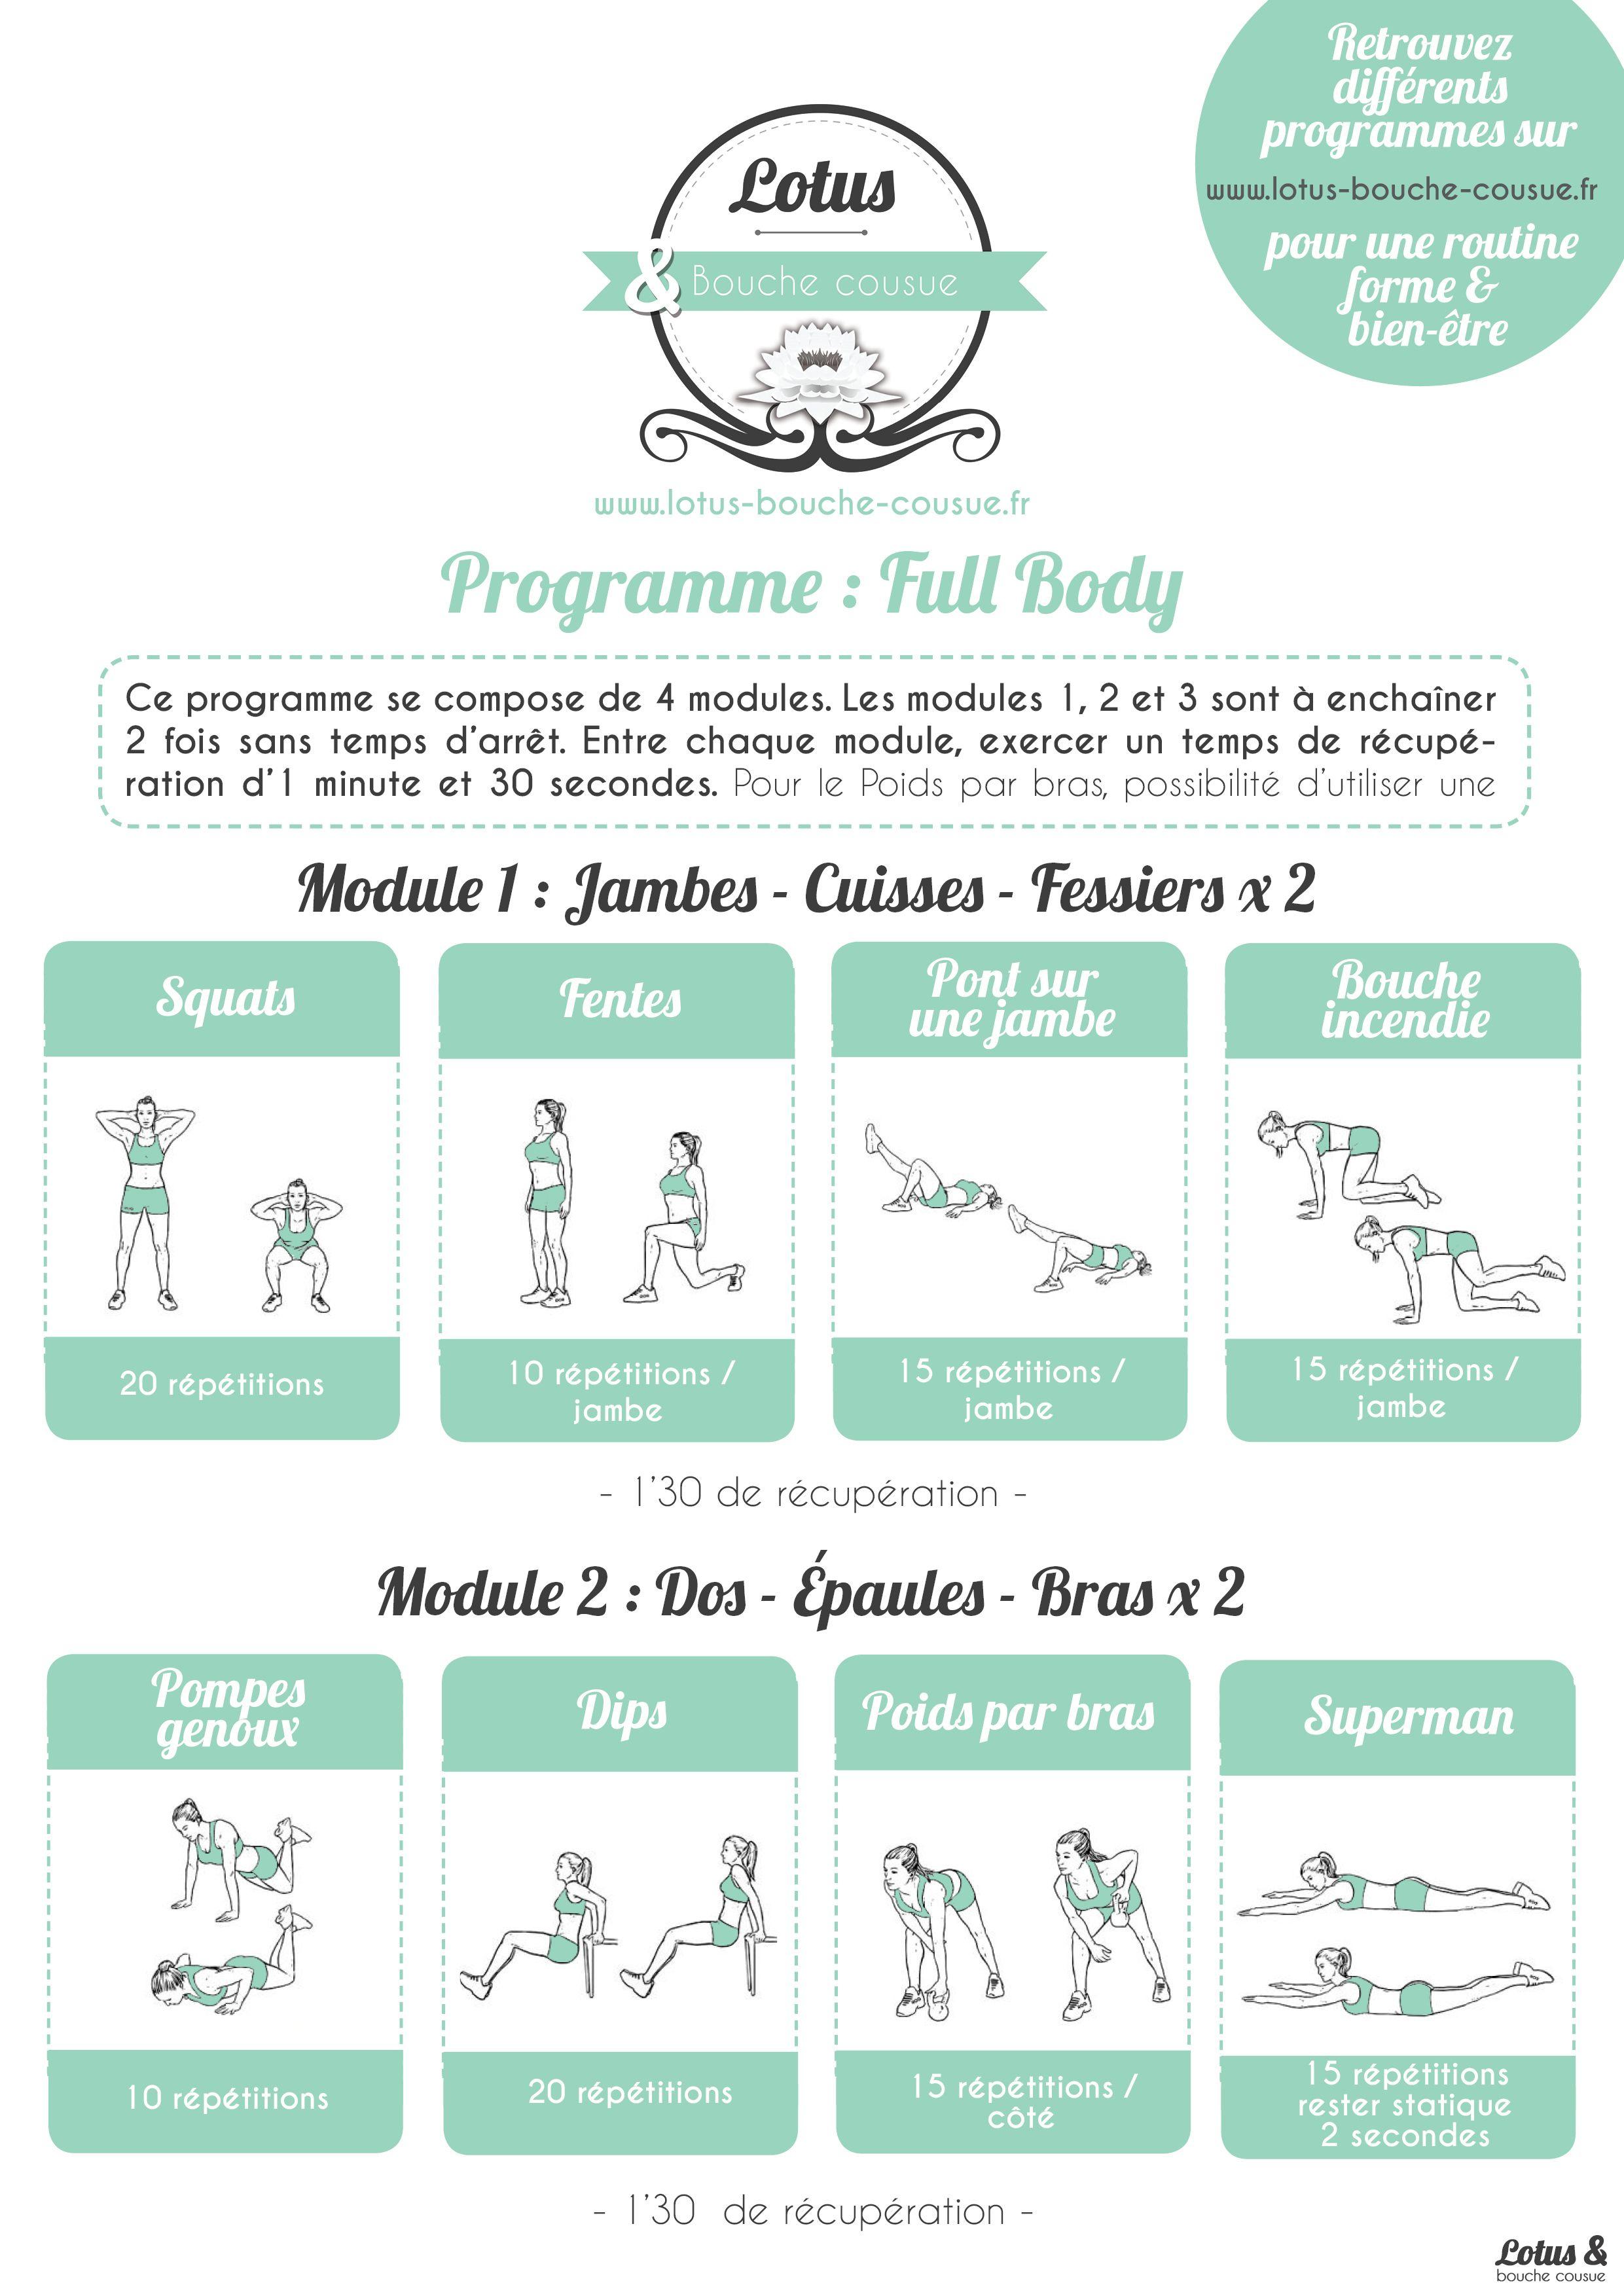 programme fitness full body n 2 un programme complet pour d butantes et interm diaires qui. Black Bedroom Furniture Sets. Home Design Ideas